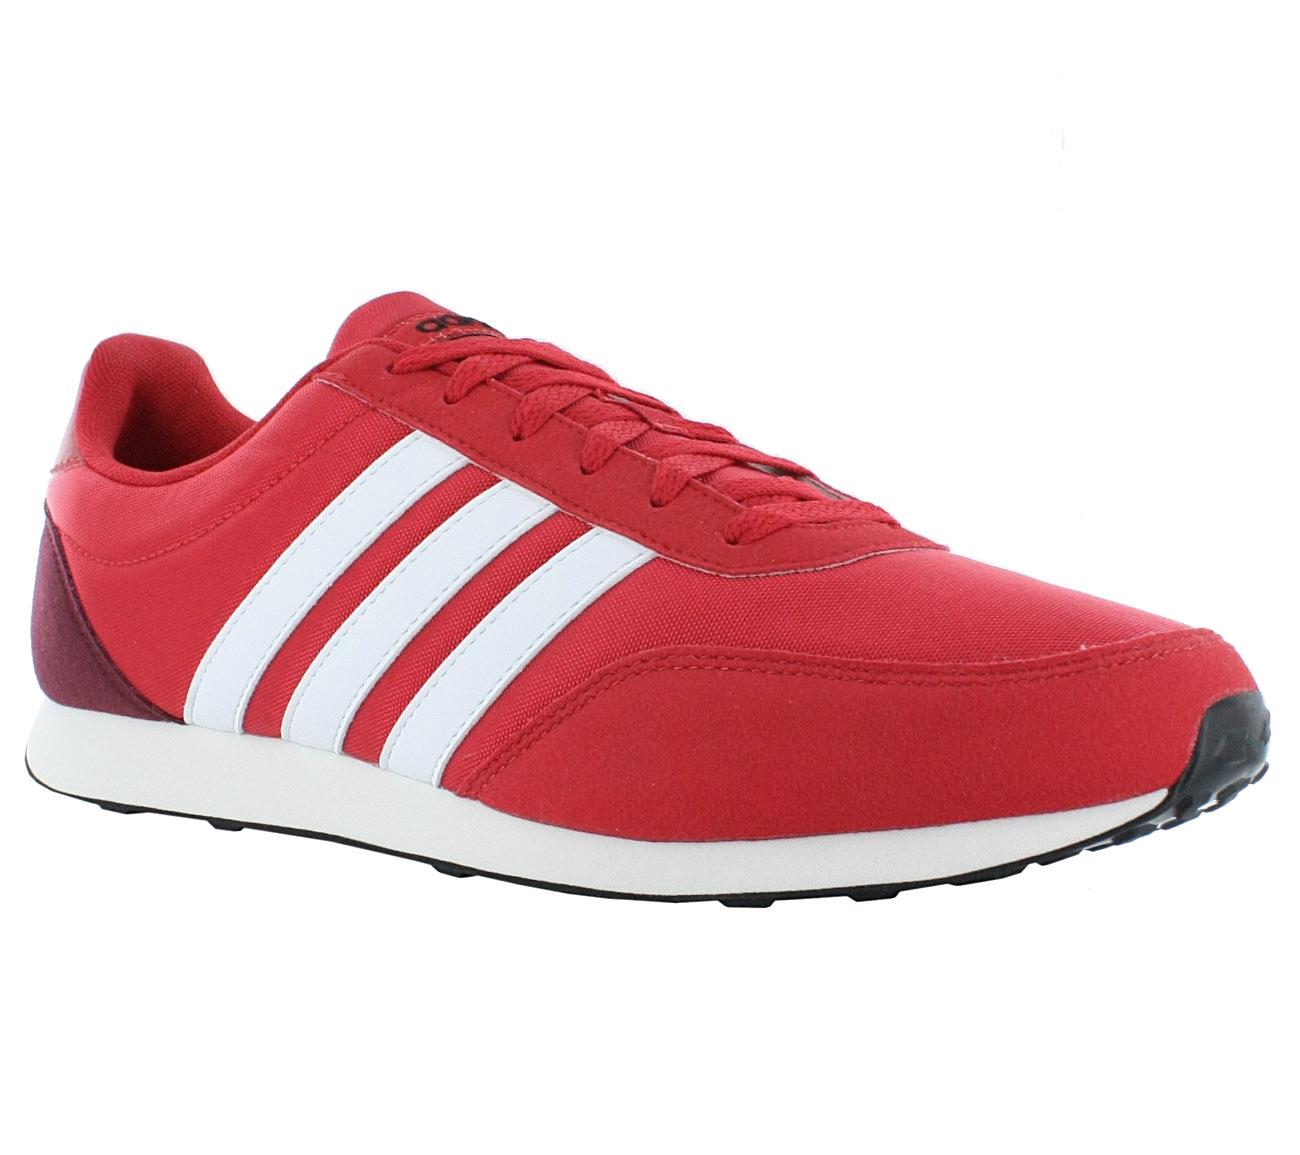 NEU adidas Racer caballeros 2.0  caballeros Racer  zapatos  Rot BC0108 SALE cd4e29